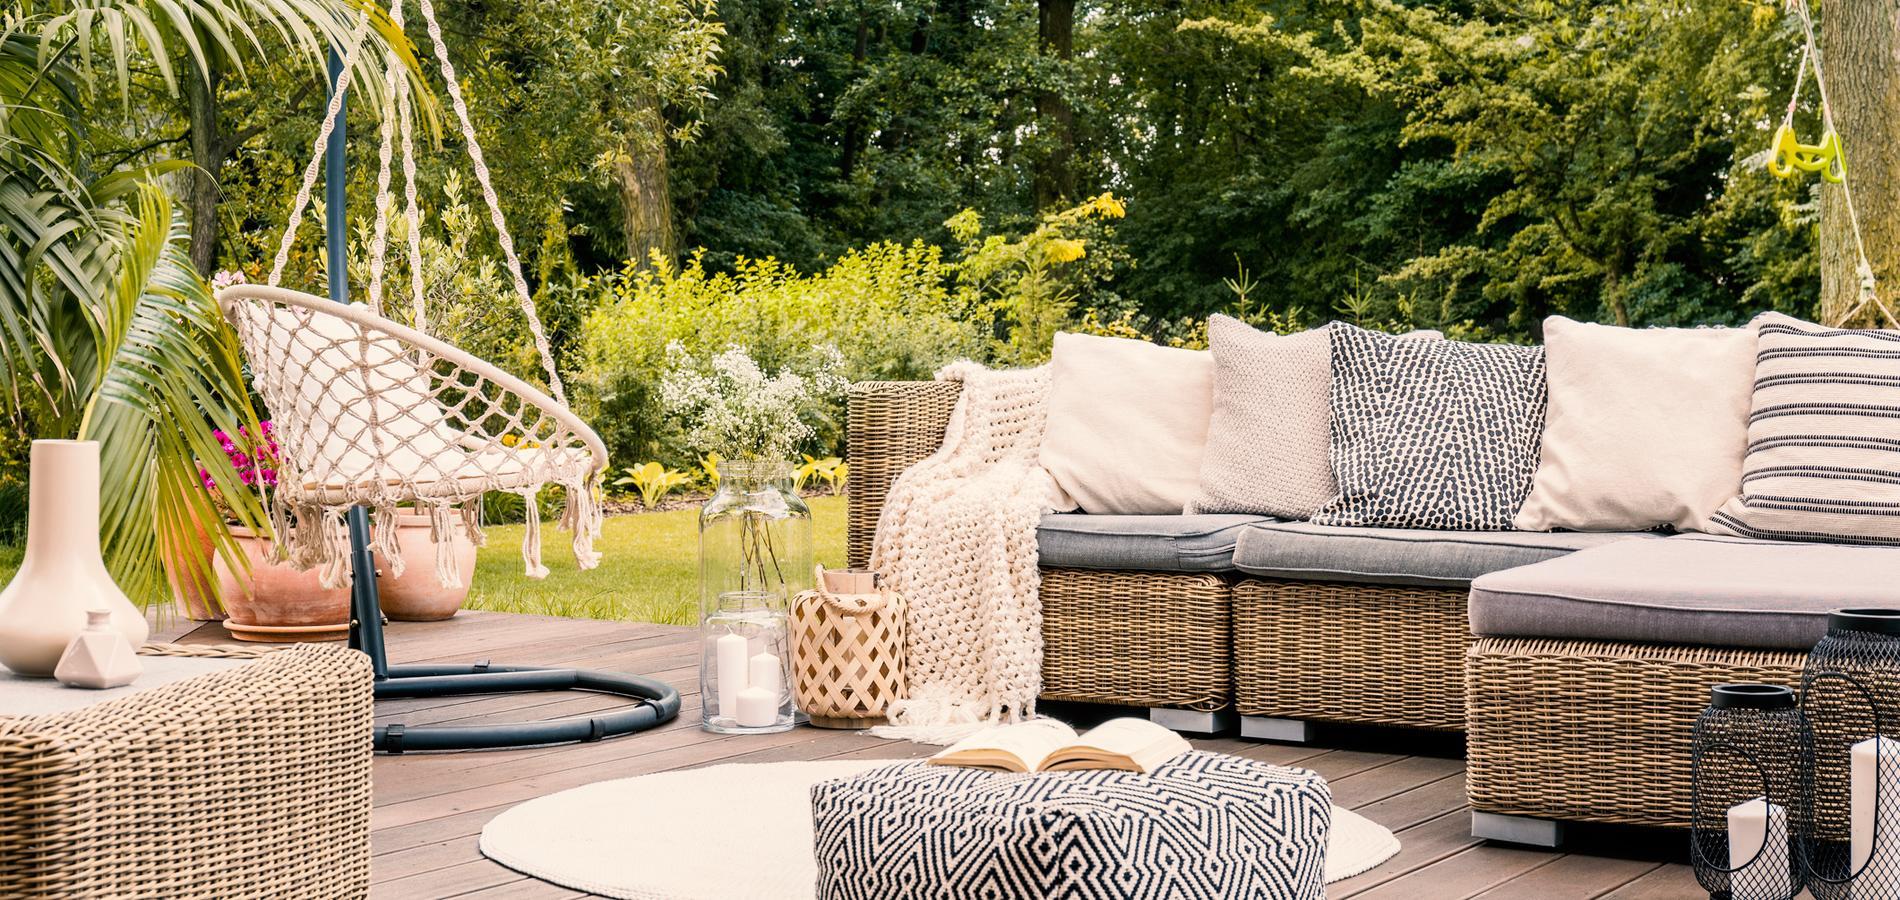 Salon De Jardin Haut De Gamme Luxe Salon Terrasse Of 36 Unique Salon De Jardin Haut De Gamme